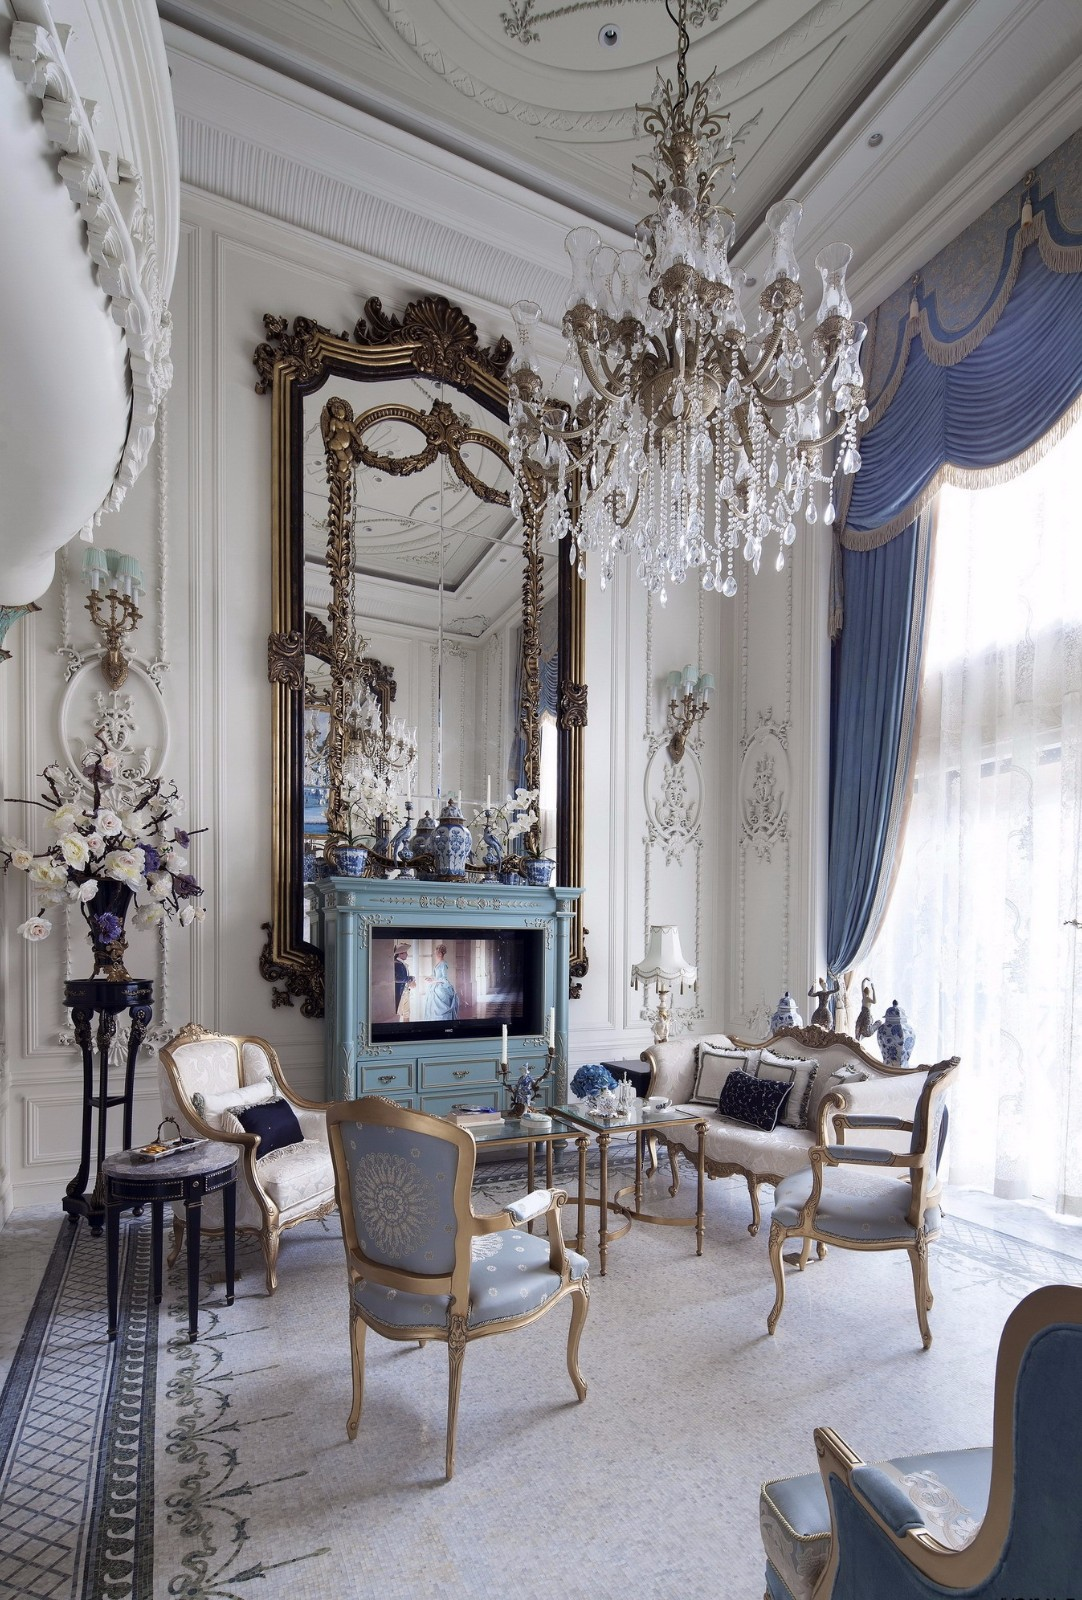 法式古典别墅客厅装修效果图